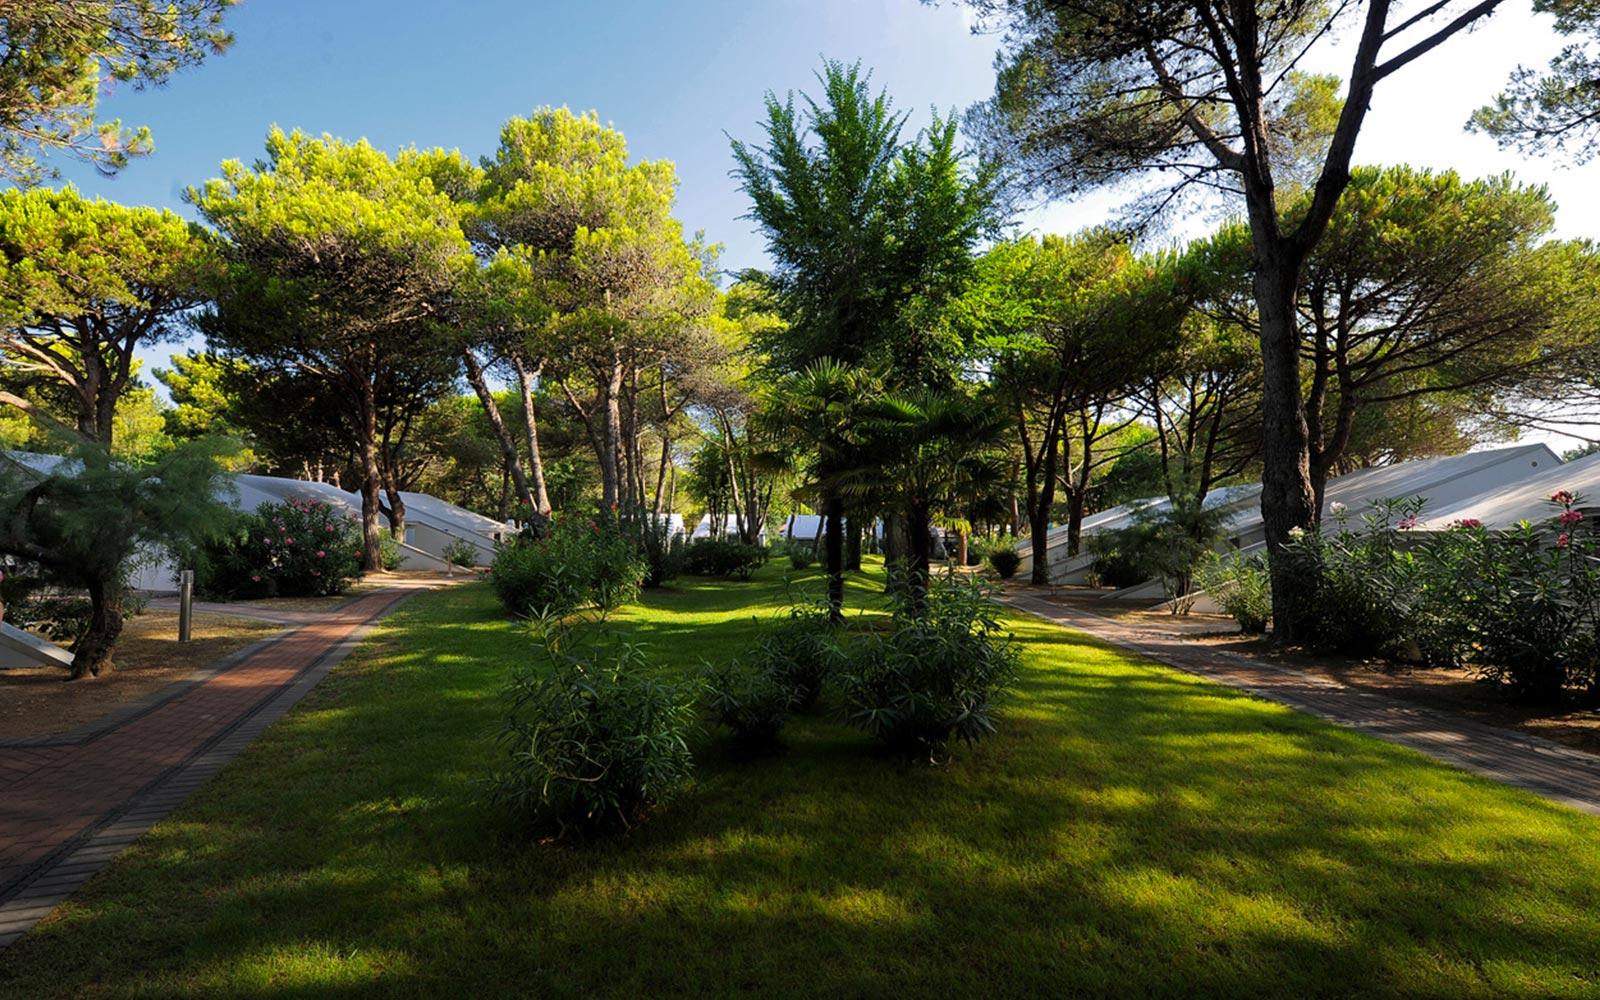 2-Vacanza in famiglia a Cavallino